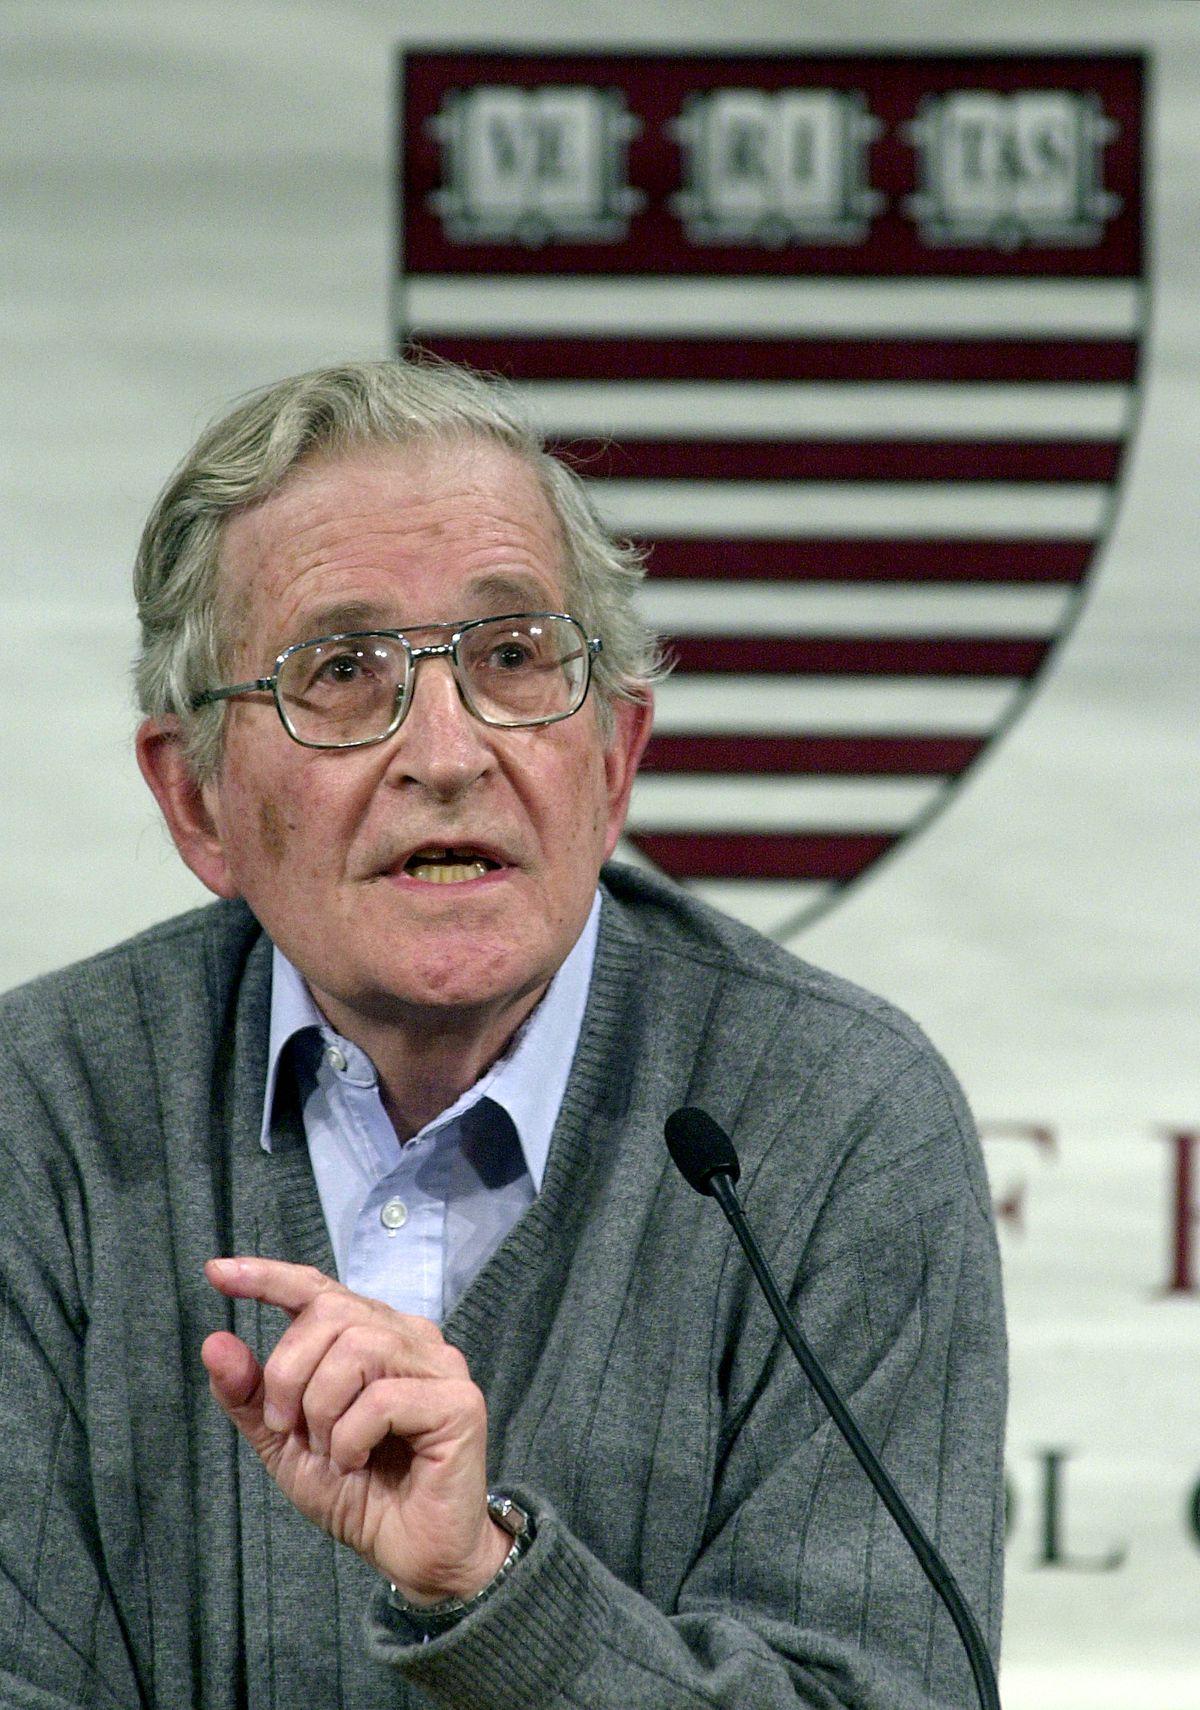 Noam Chomsky speaks at Harvard, in 2002